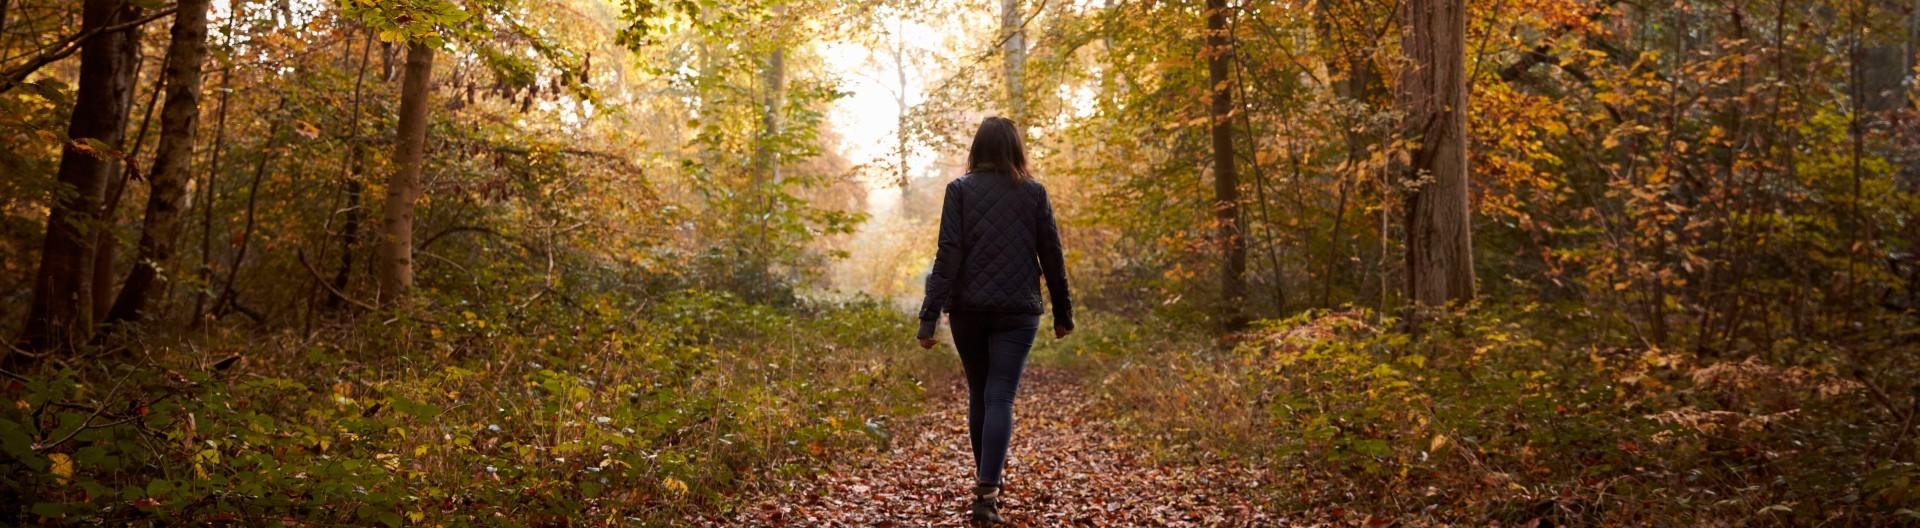 Eine Frau geht im herbstlichen Wald spazieren.